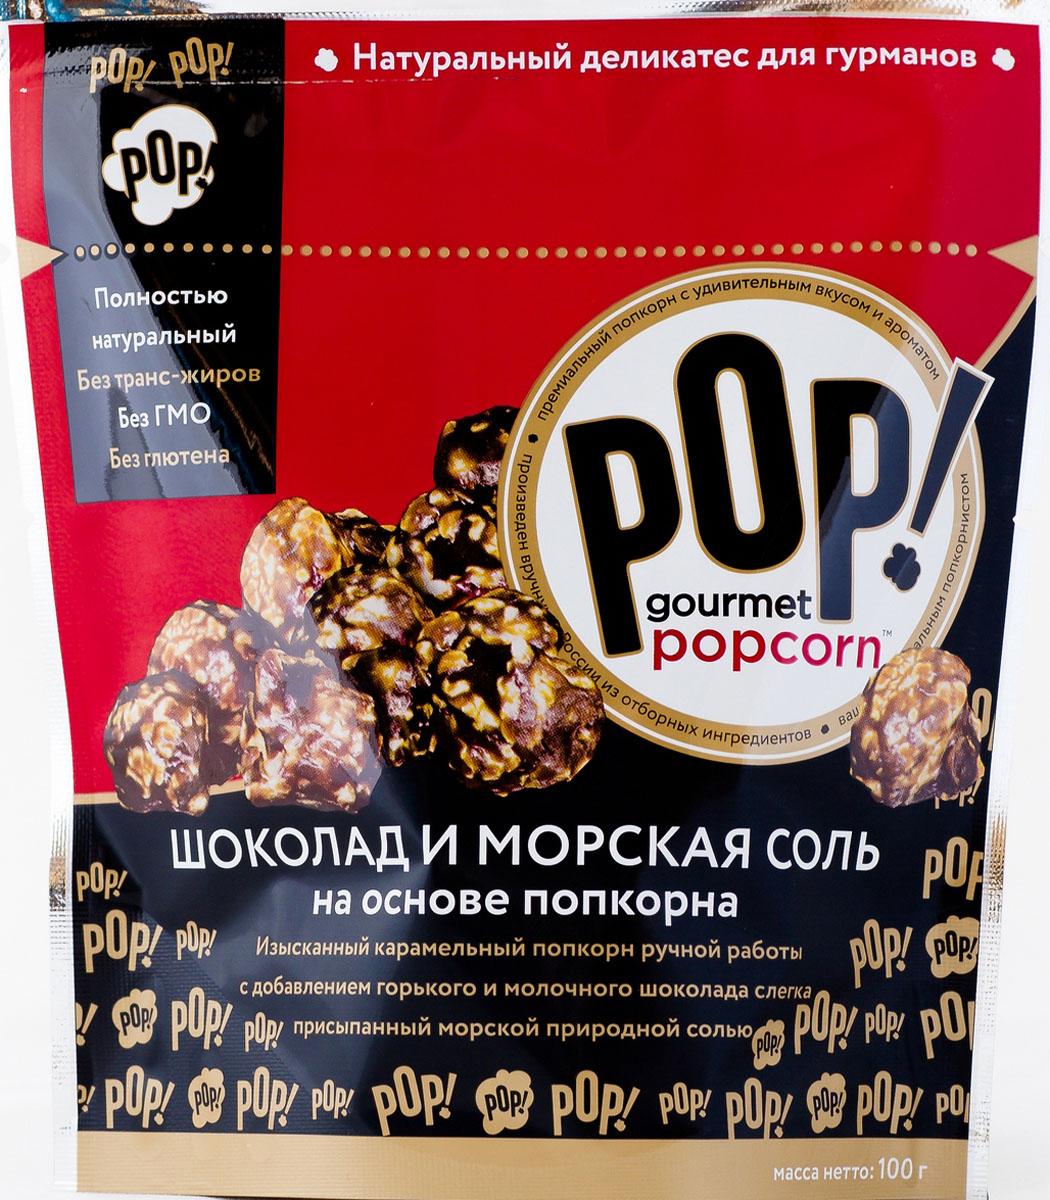 POP! Gourmet Popcorn шоколад и морская соль на основе попкорна, 100 г popcorn hour с 200